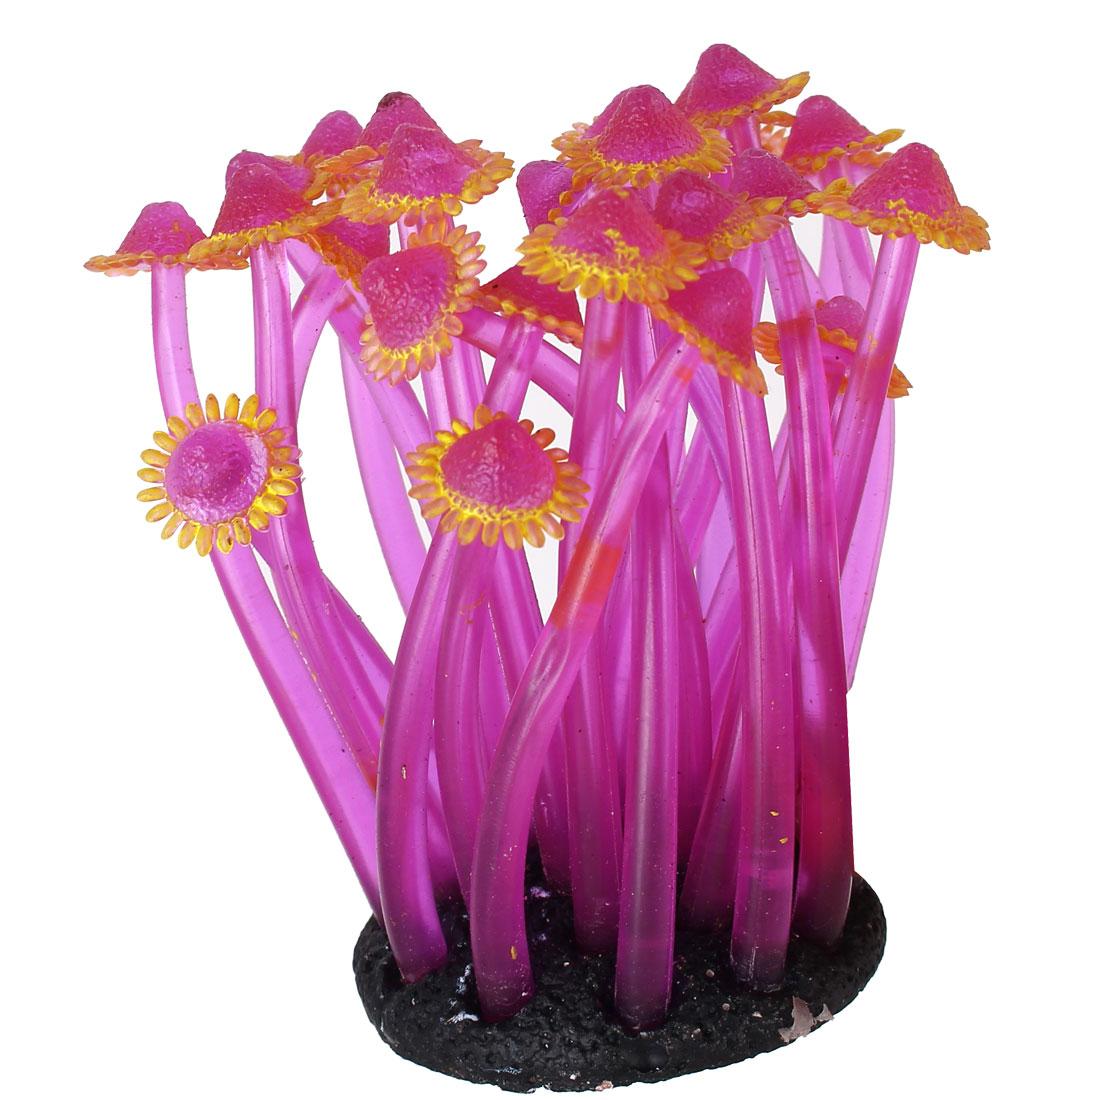 Aquarium Fish Tank Soft Silicone Artificial Anemone Coral Ornament Yellow Purple